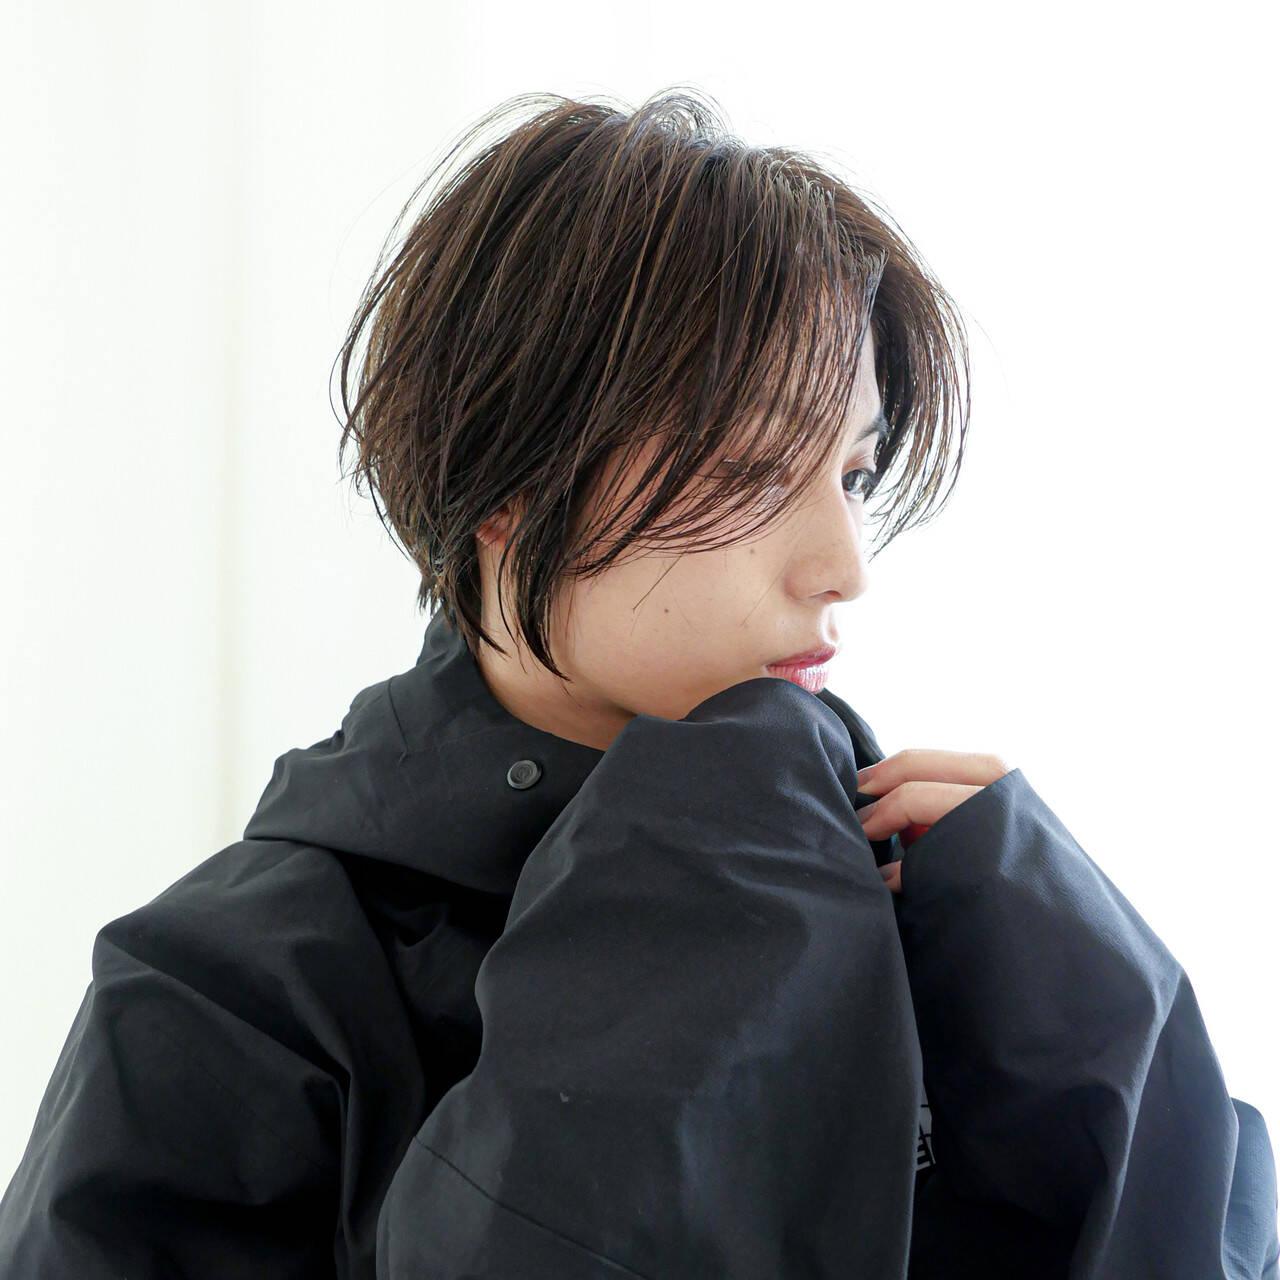 小顔ショート ショート ナチュラル ハイライトヘアスタイルや髪型の写真・画像